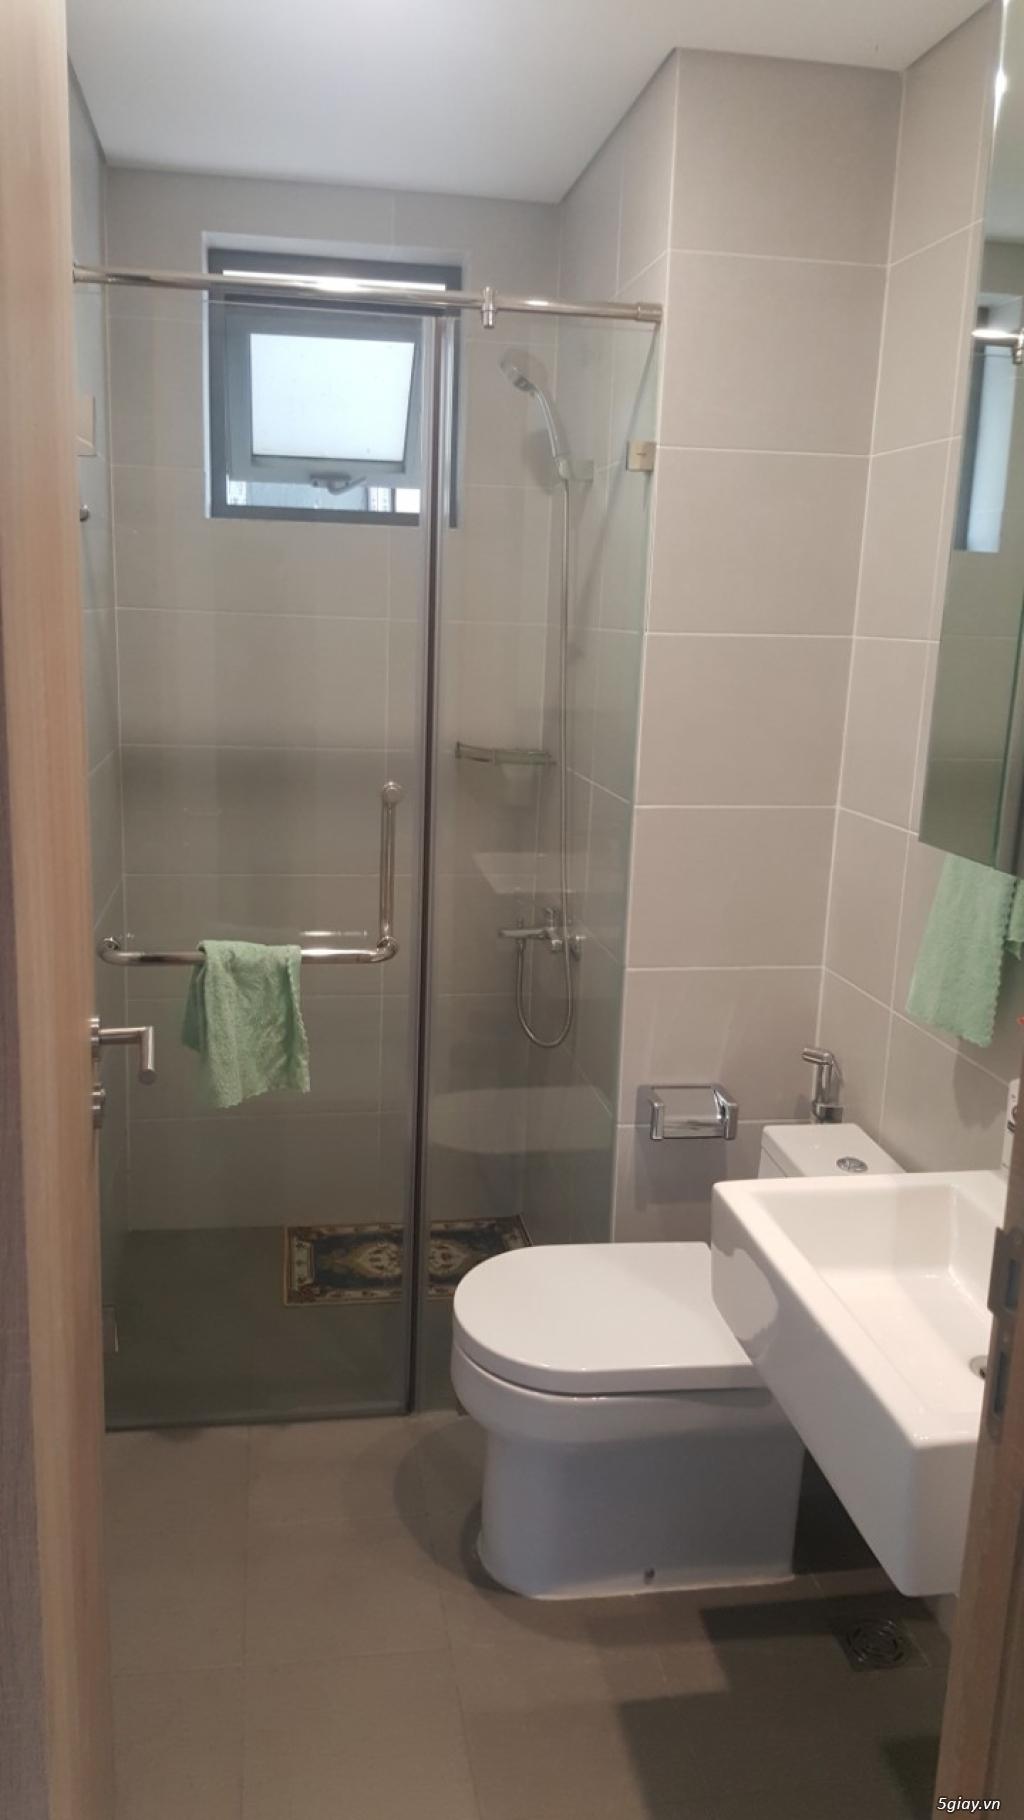 Bán căn hộ 2pn, chung cư Diamond Lotus Phúc Khang Q8